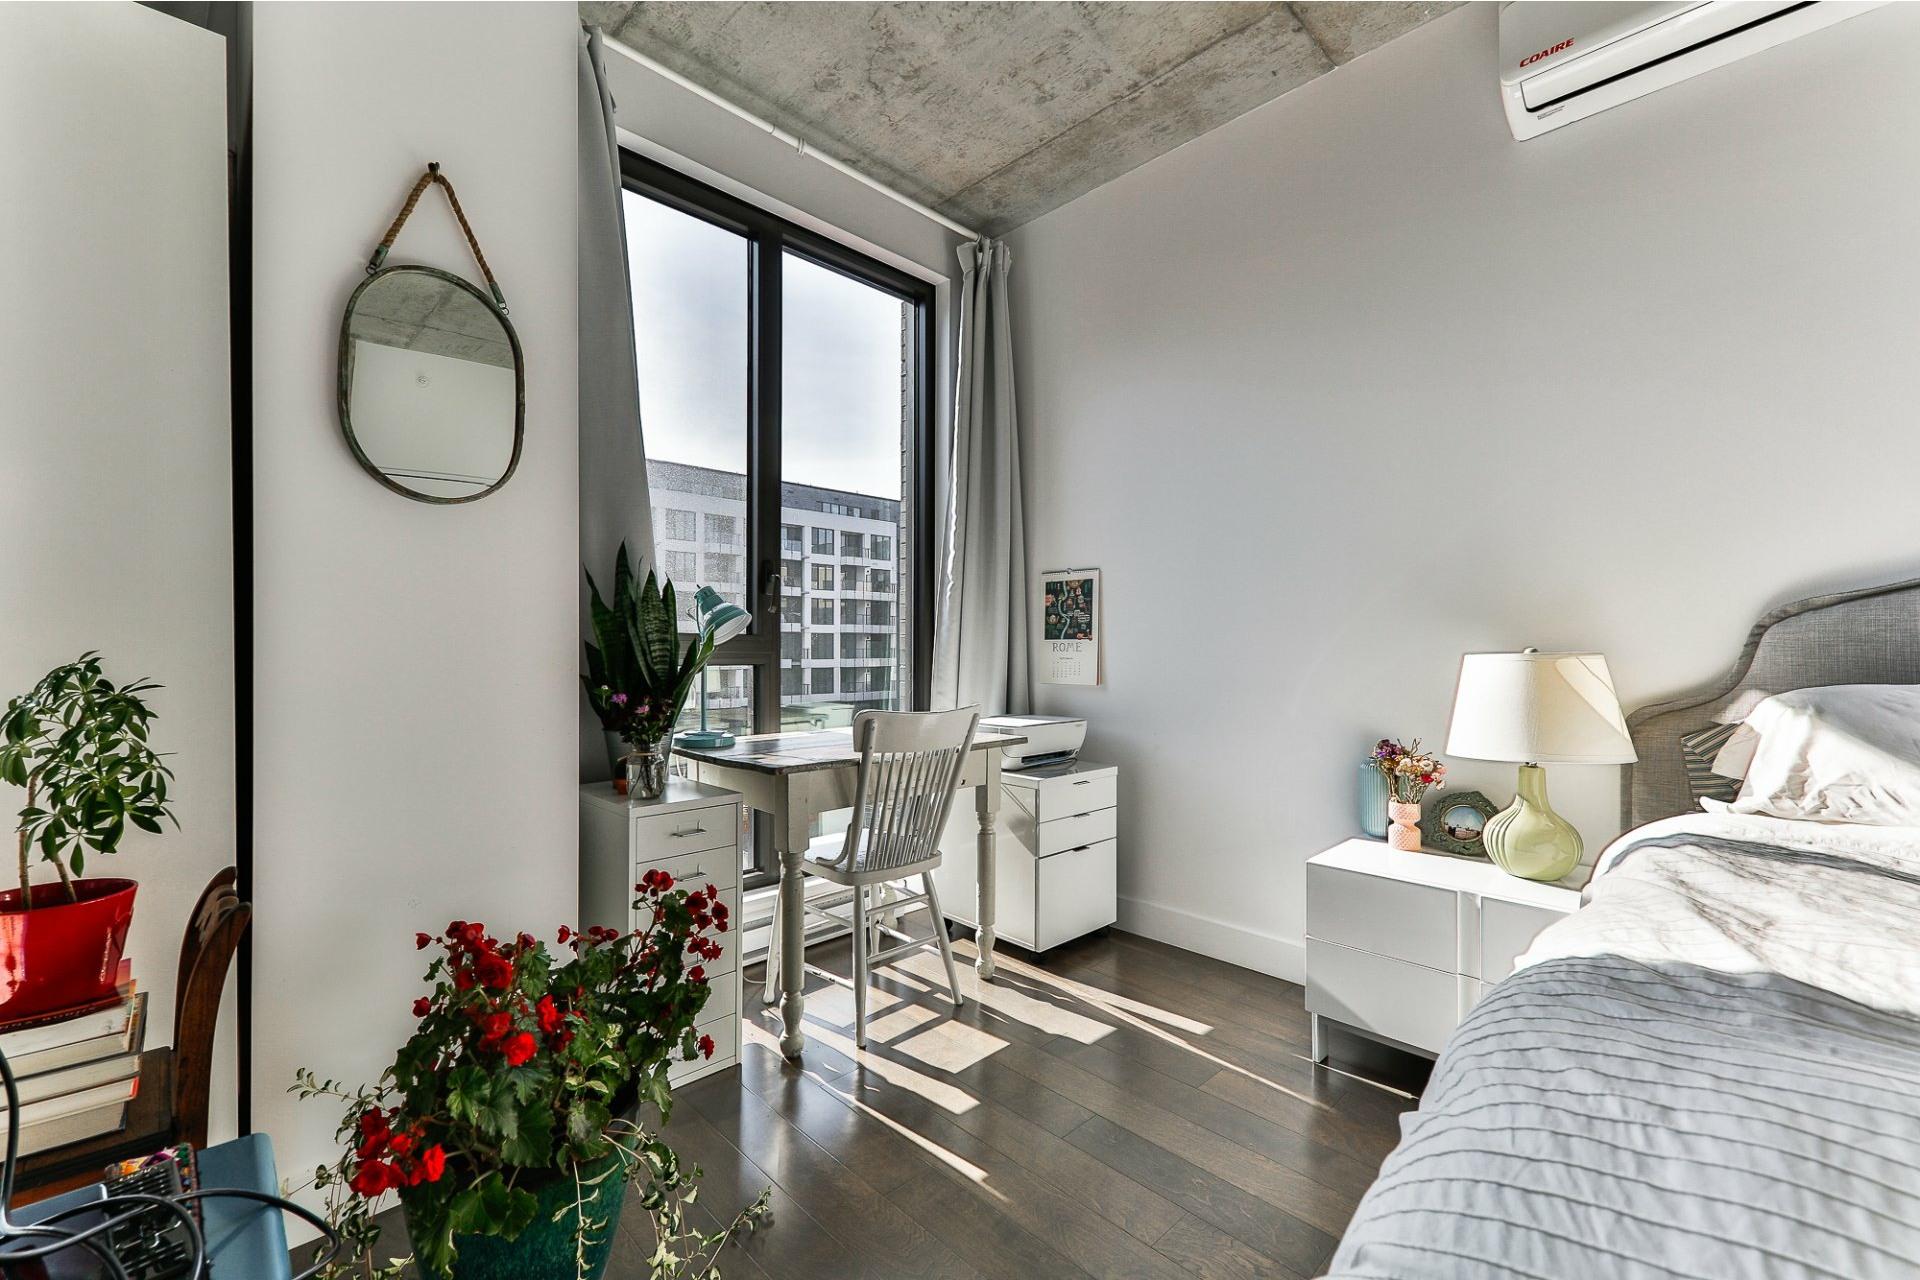 image 4 - Appartement À vendre Villeray/Saint-Michel/Parc-Extension Montréal  - 4 pièces